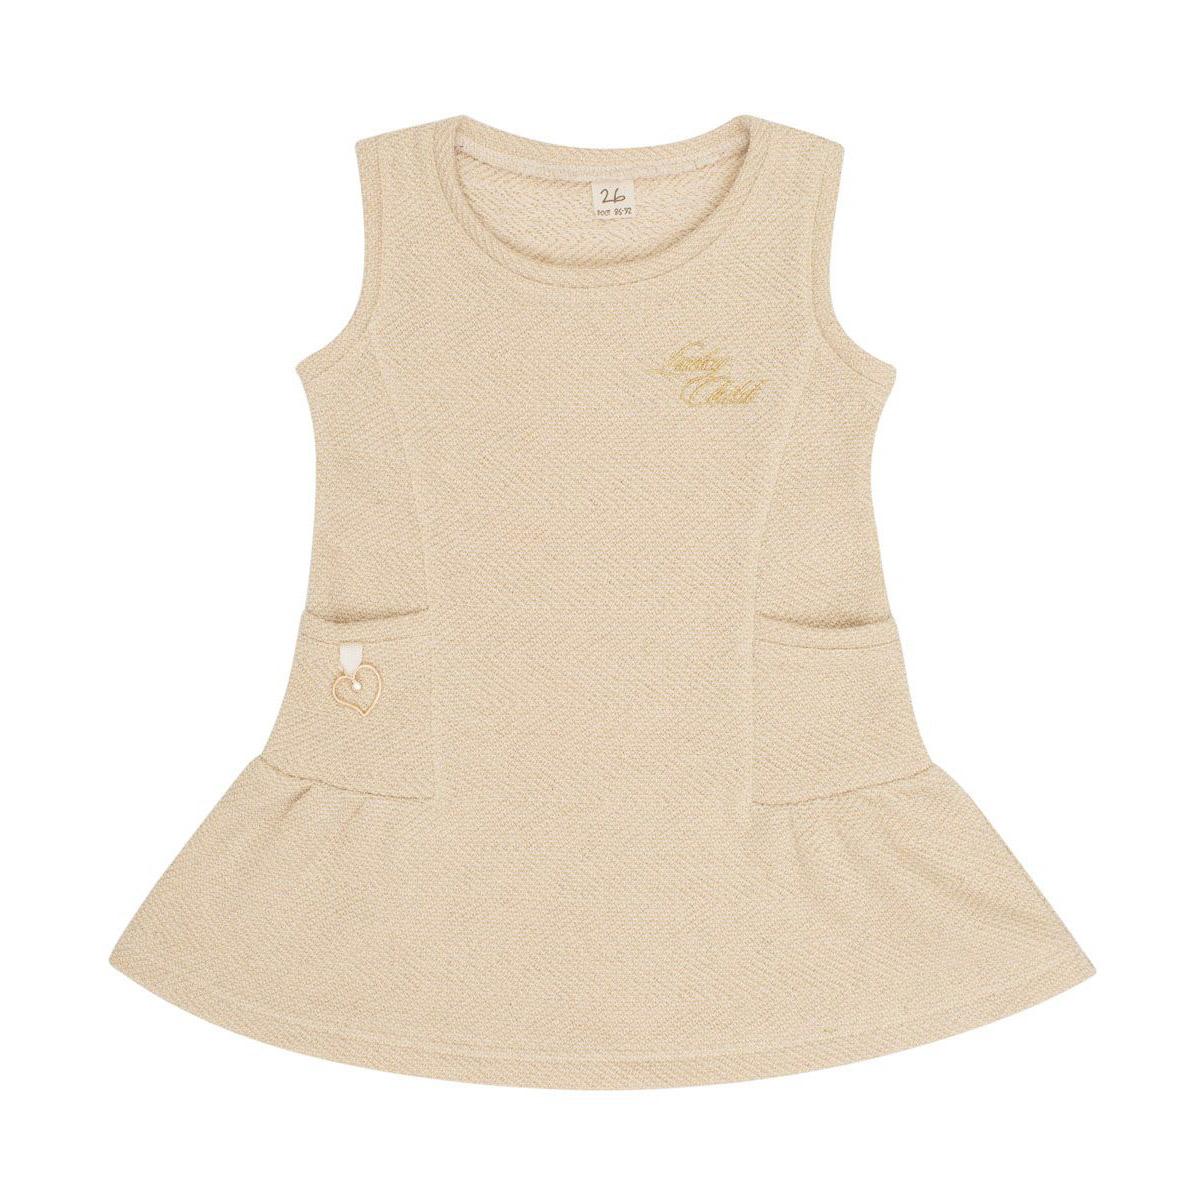 Купить Платье Lucky Child Маленькая леди золотое 116-122, Золотой, Футер, Для девочек, Осень-Зима,